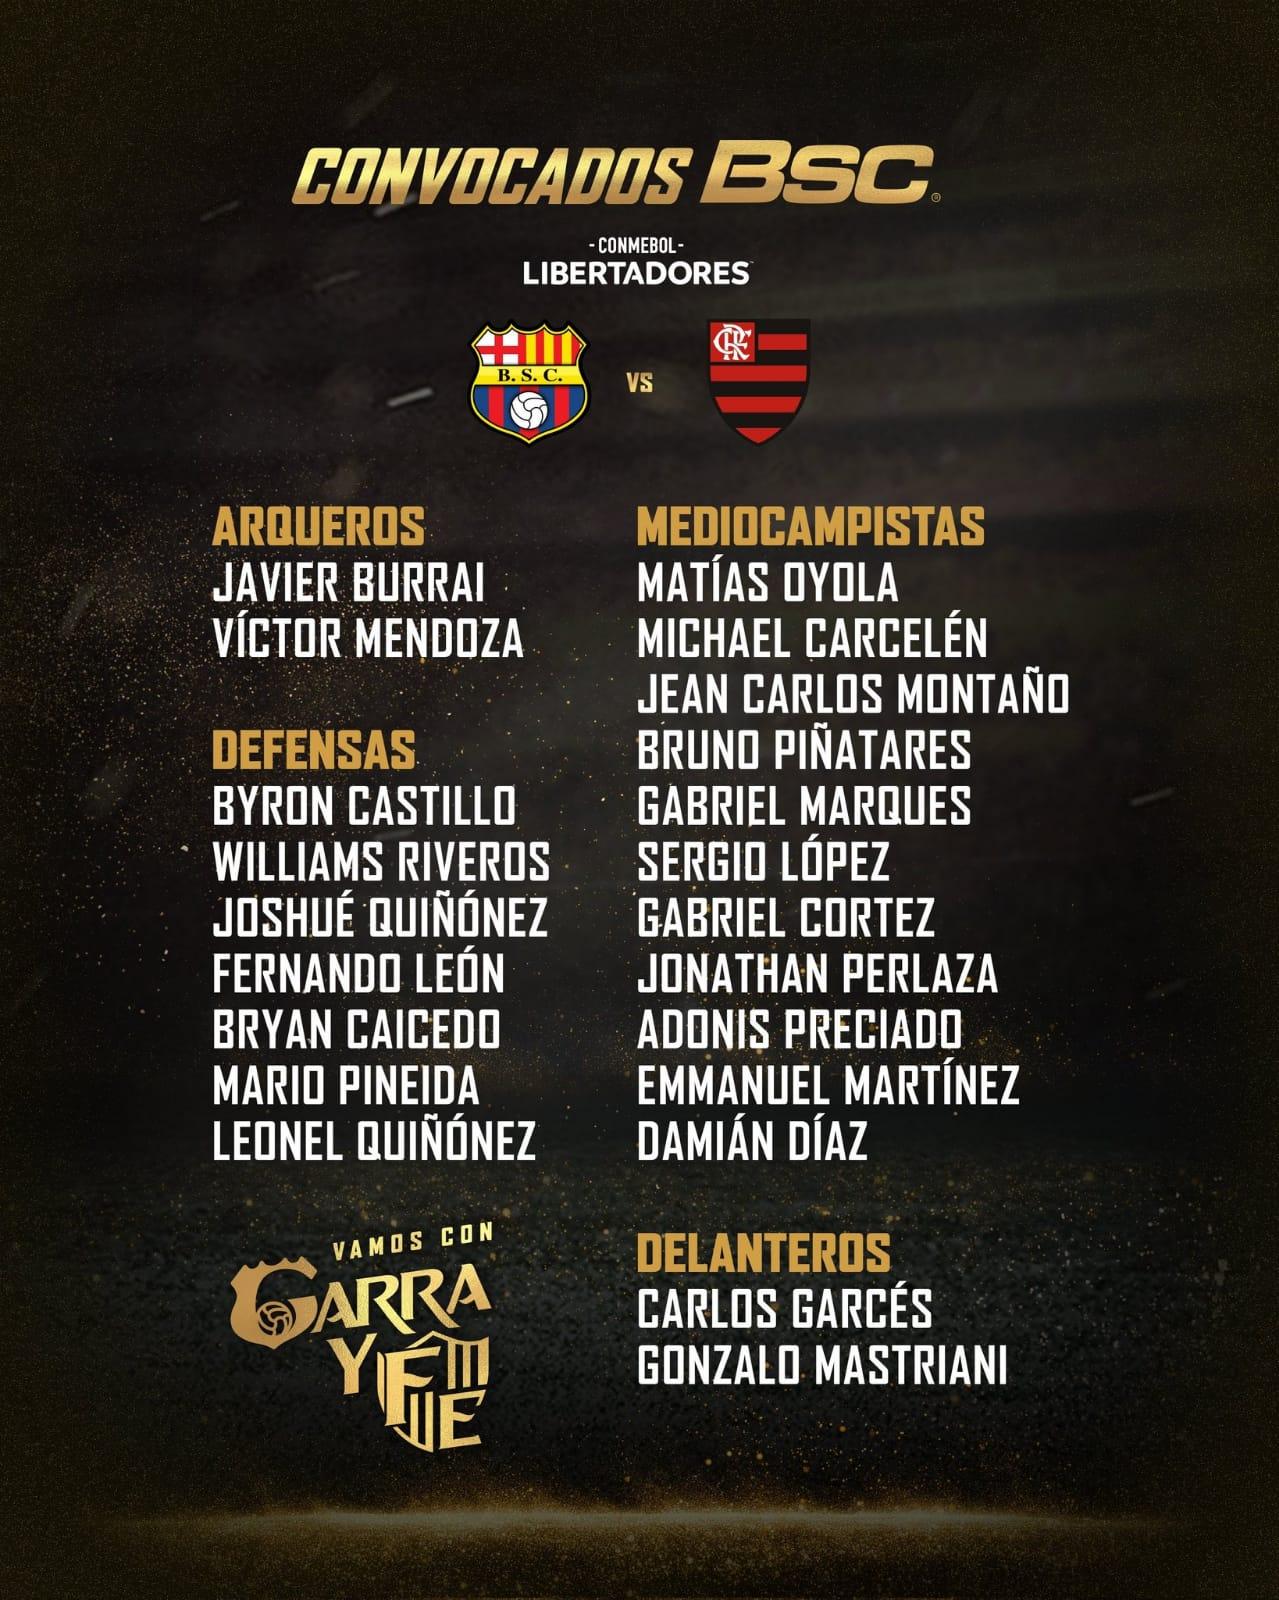 Relacão com os nomes dos jogadores do barcelona de Guayaquil